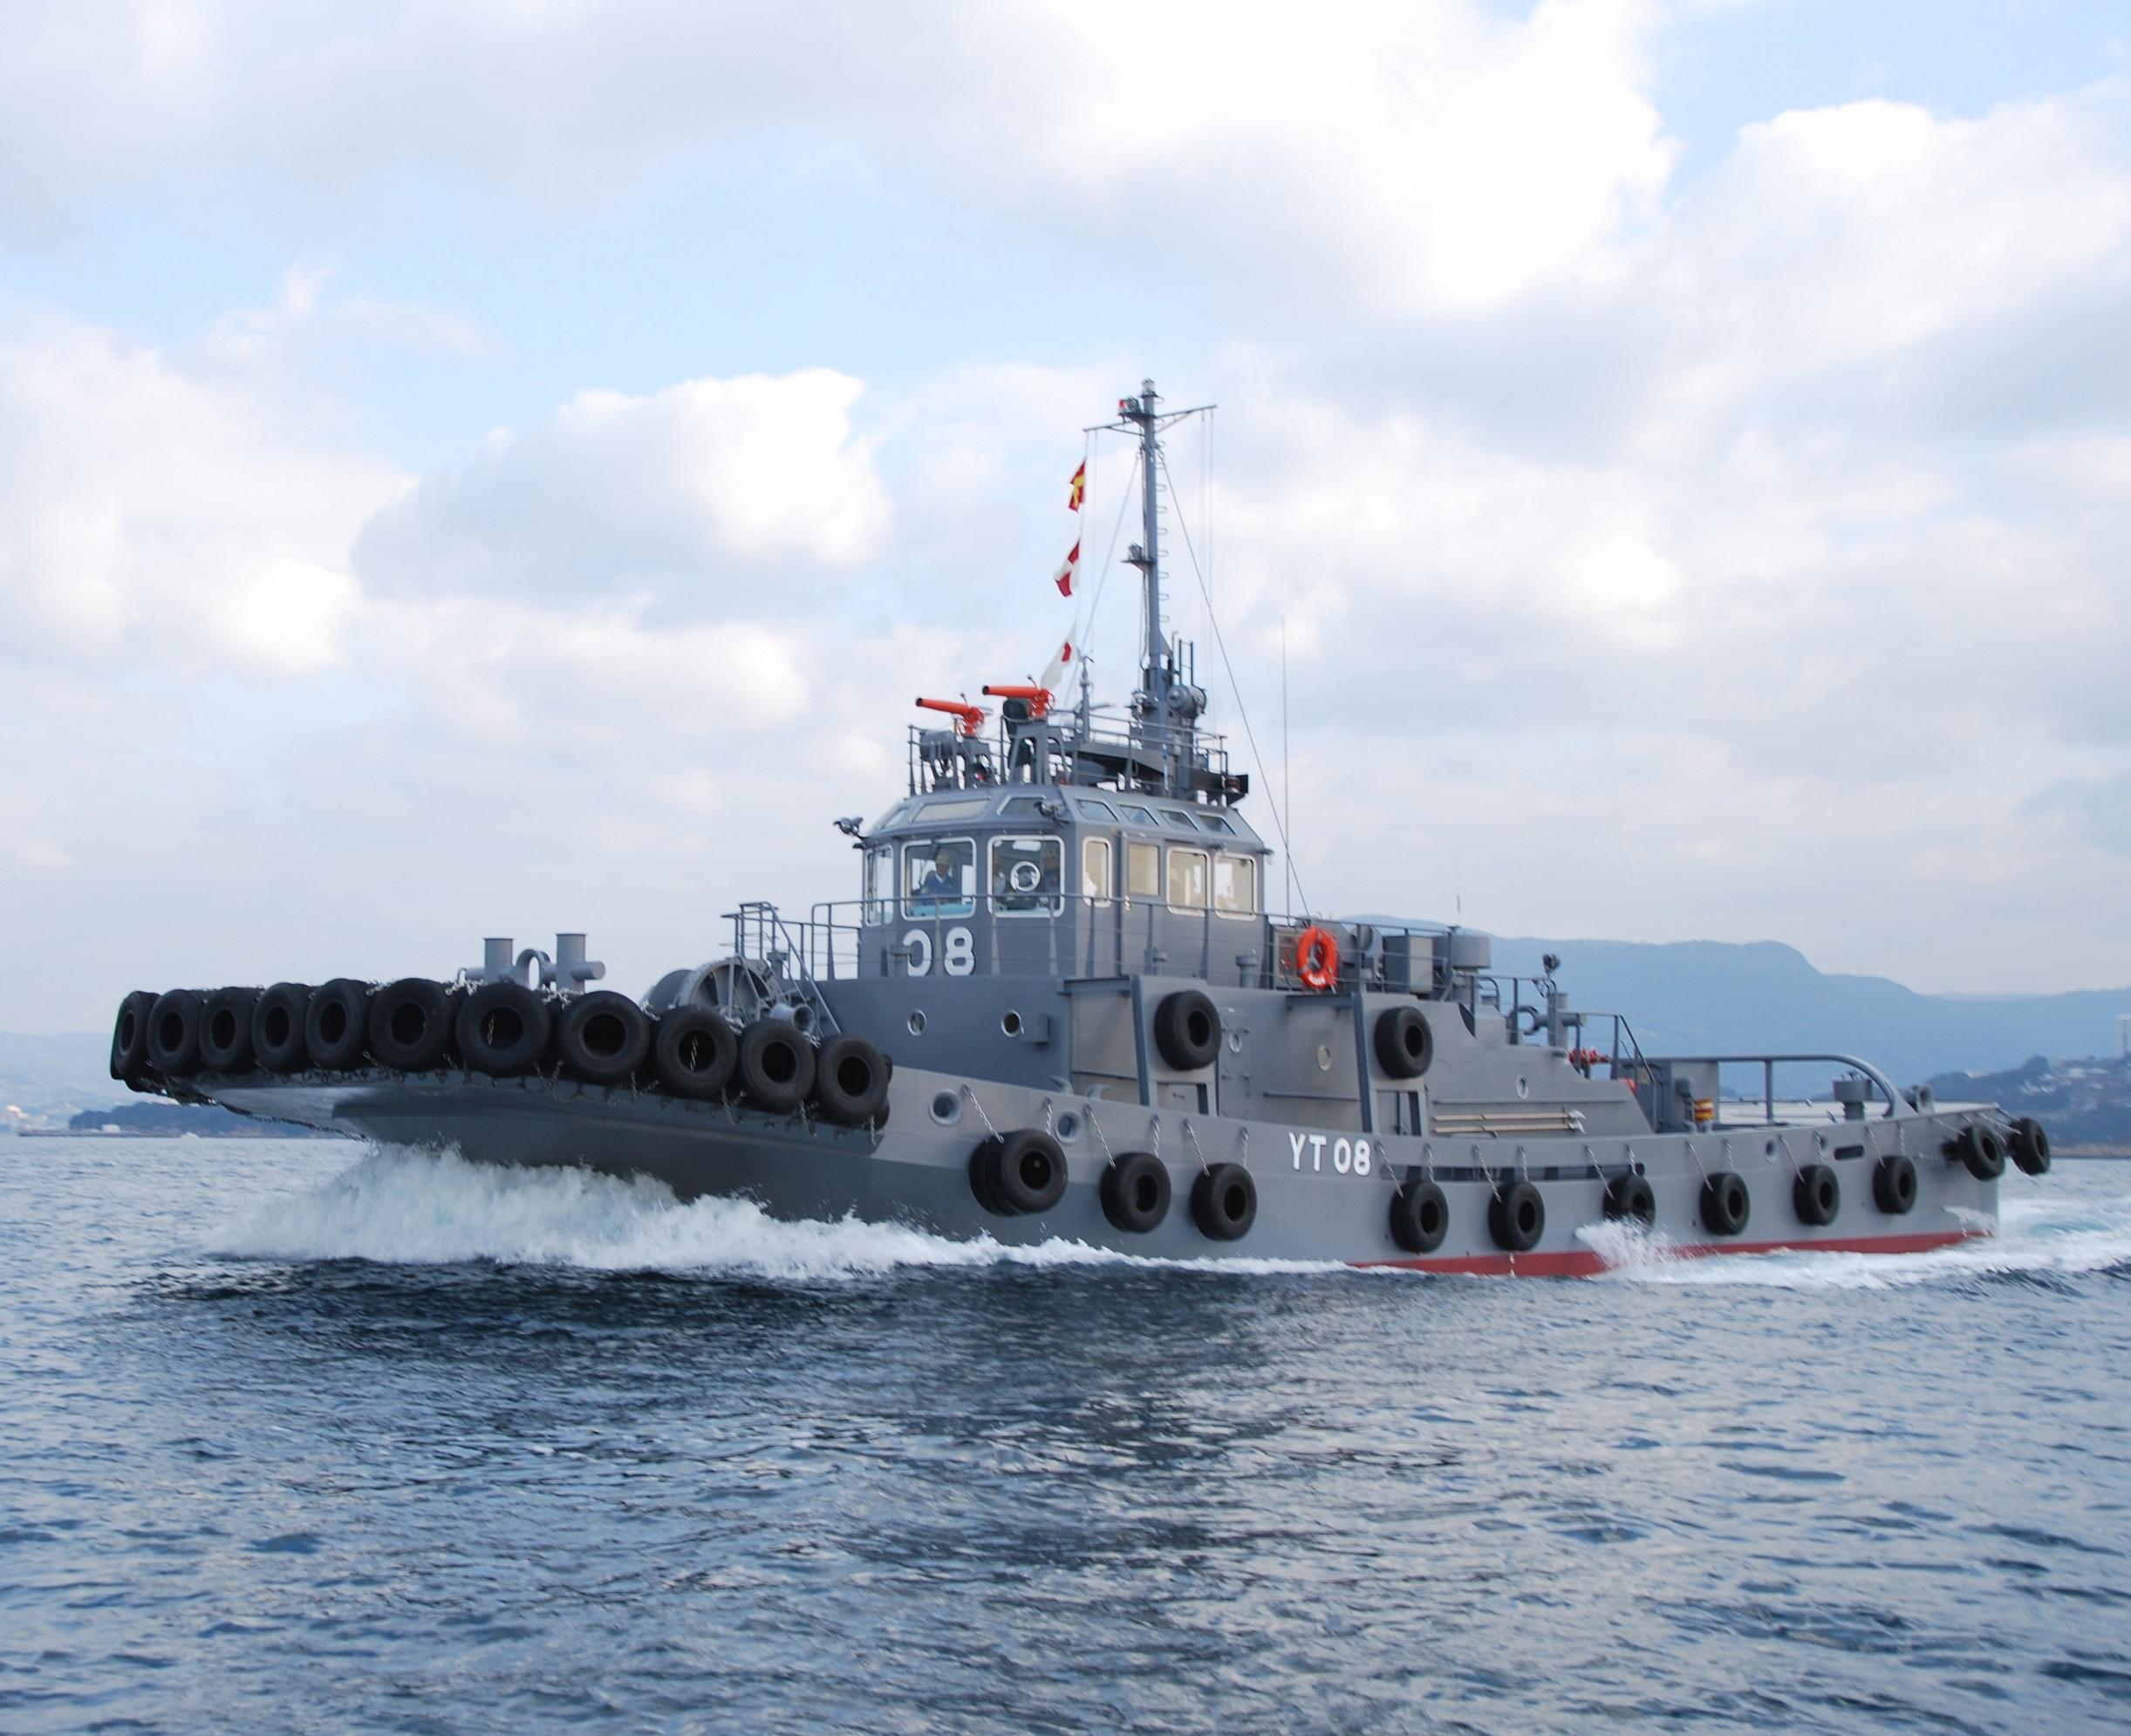 防衛省船 – 前畑造船株式会社